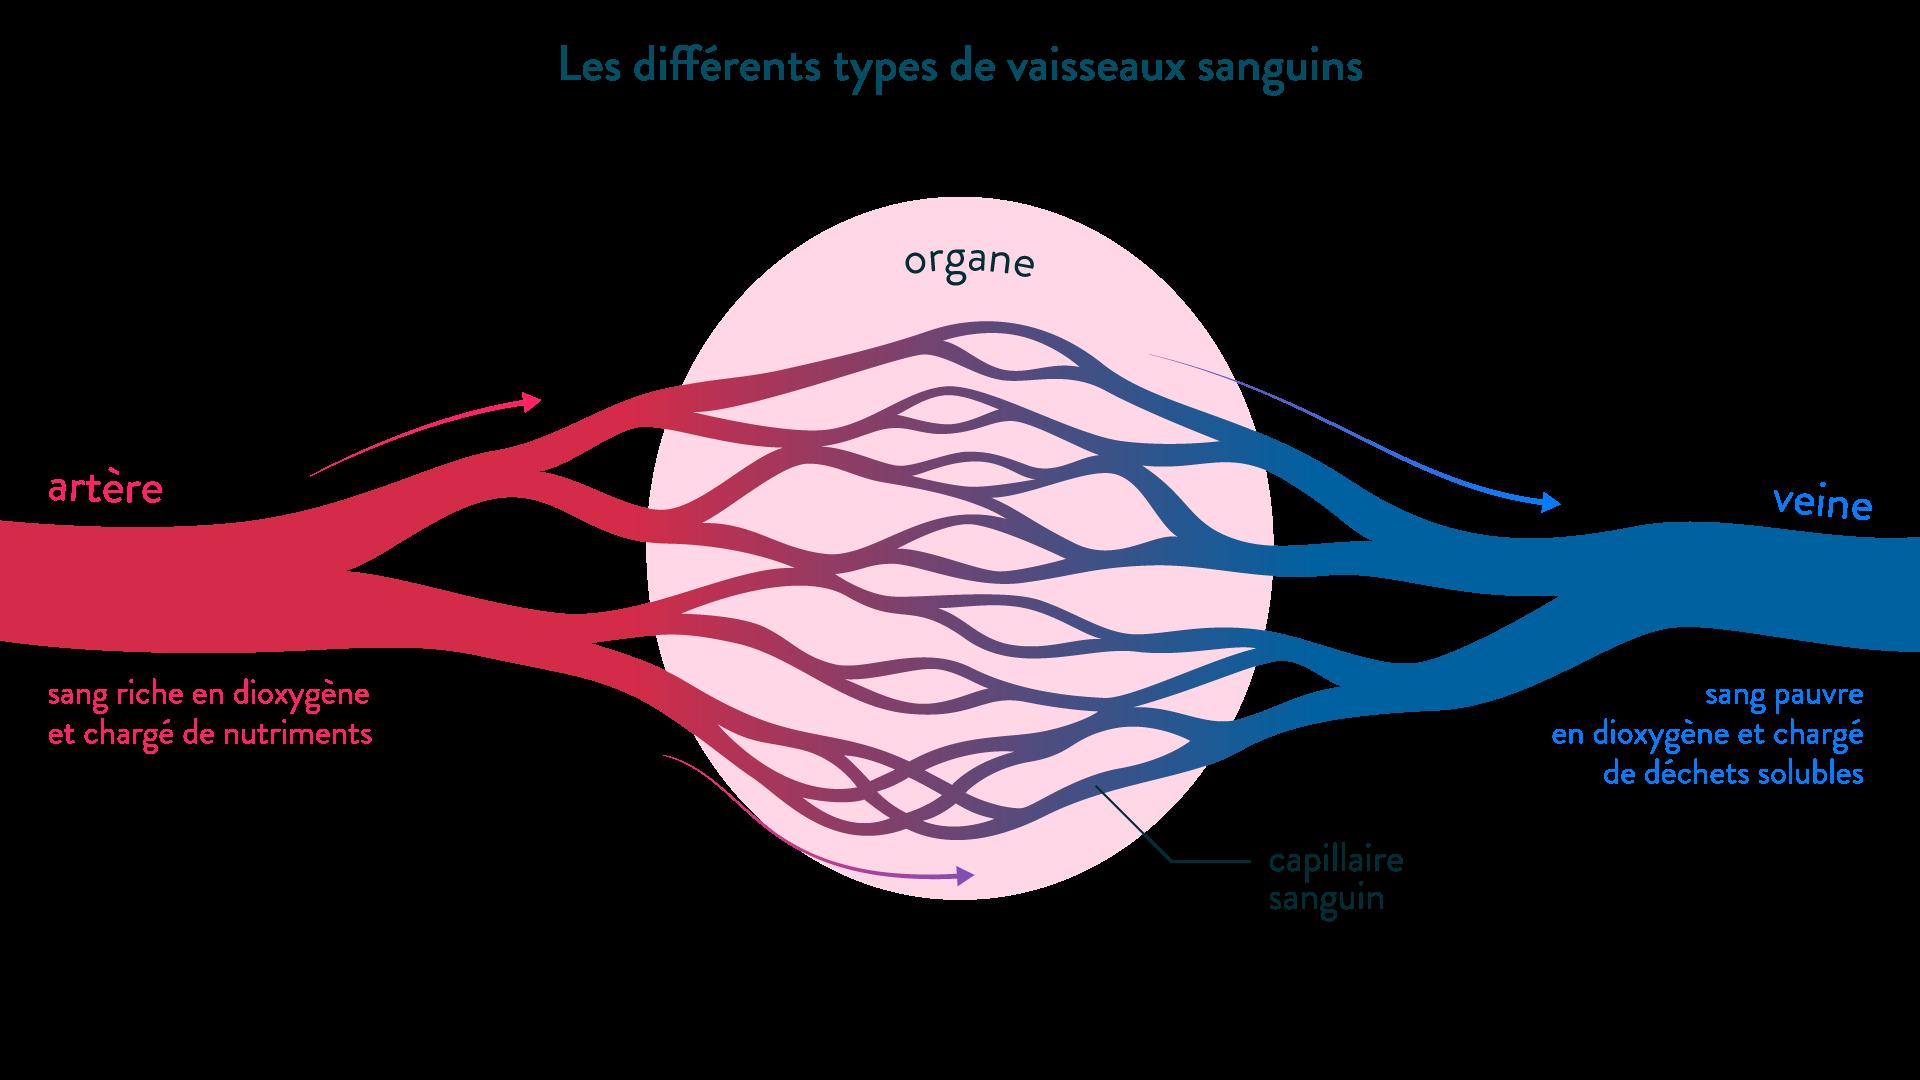 Les différents types de vaisseaux sanguins irriguant un organe, le muscle